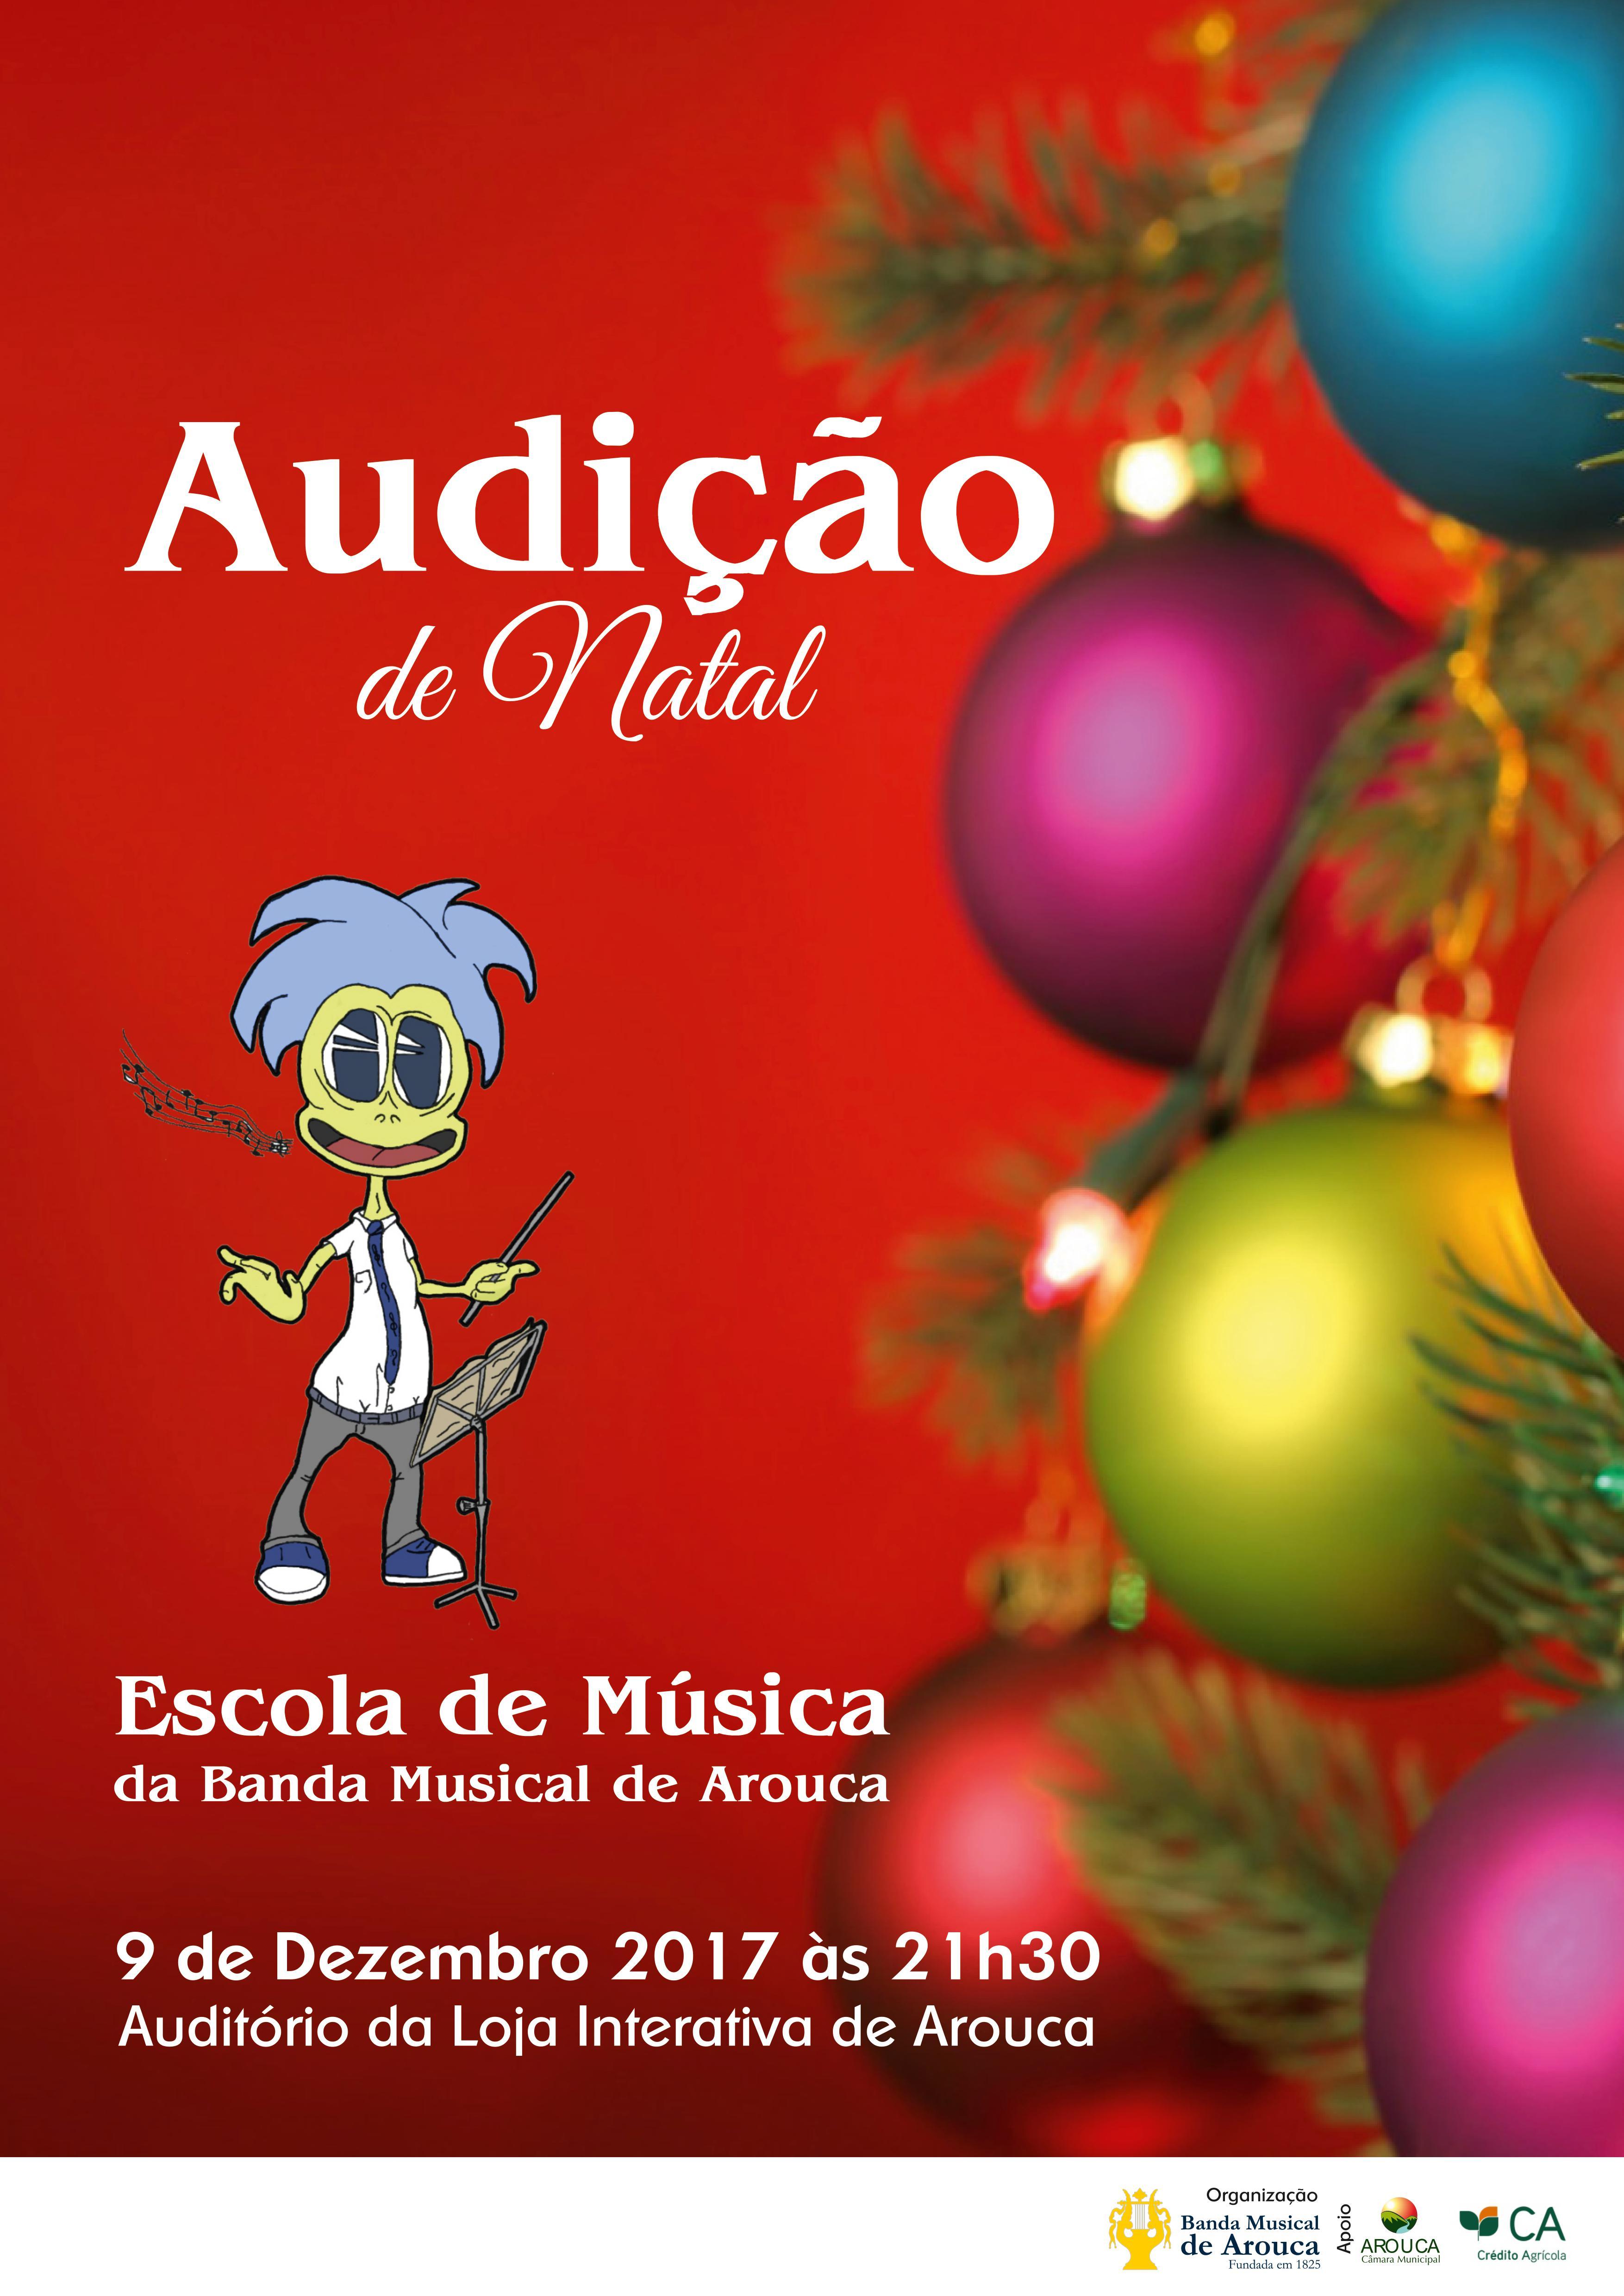 Escola de Música da Banda Musical de Arouca promove audição de Natal